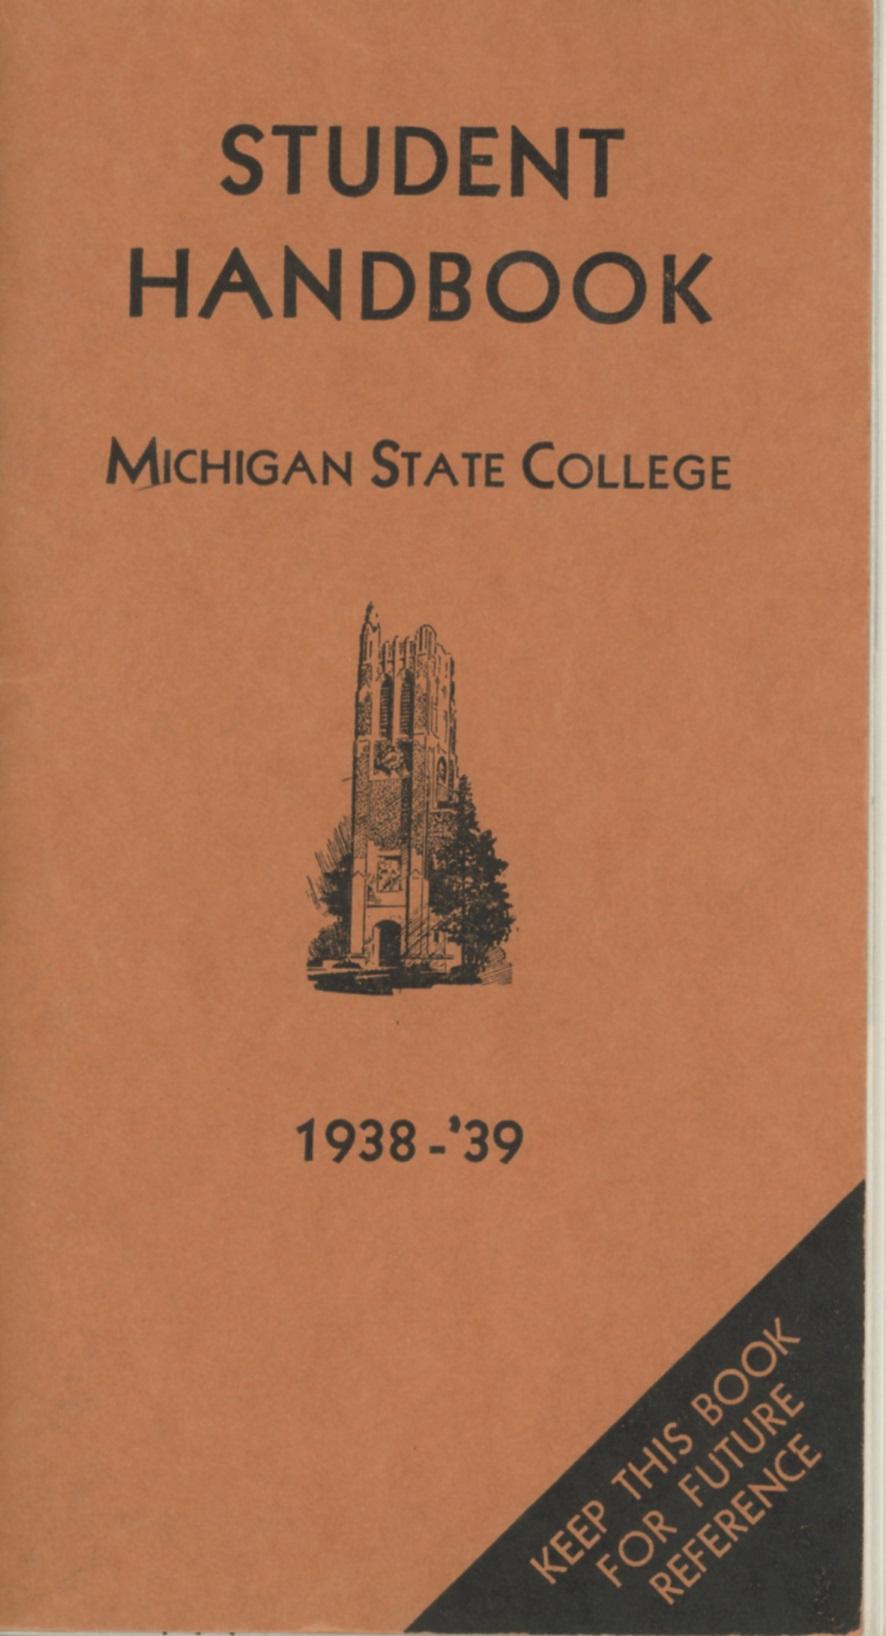 Student Handbook, 1938-1939